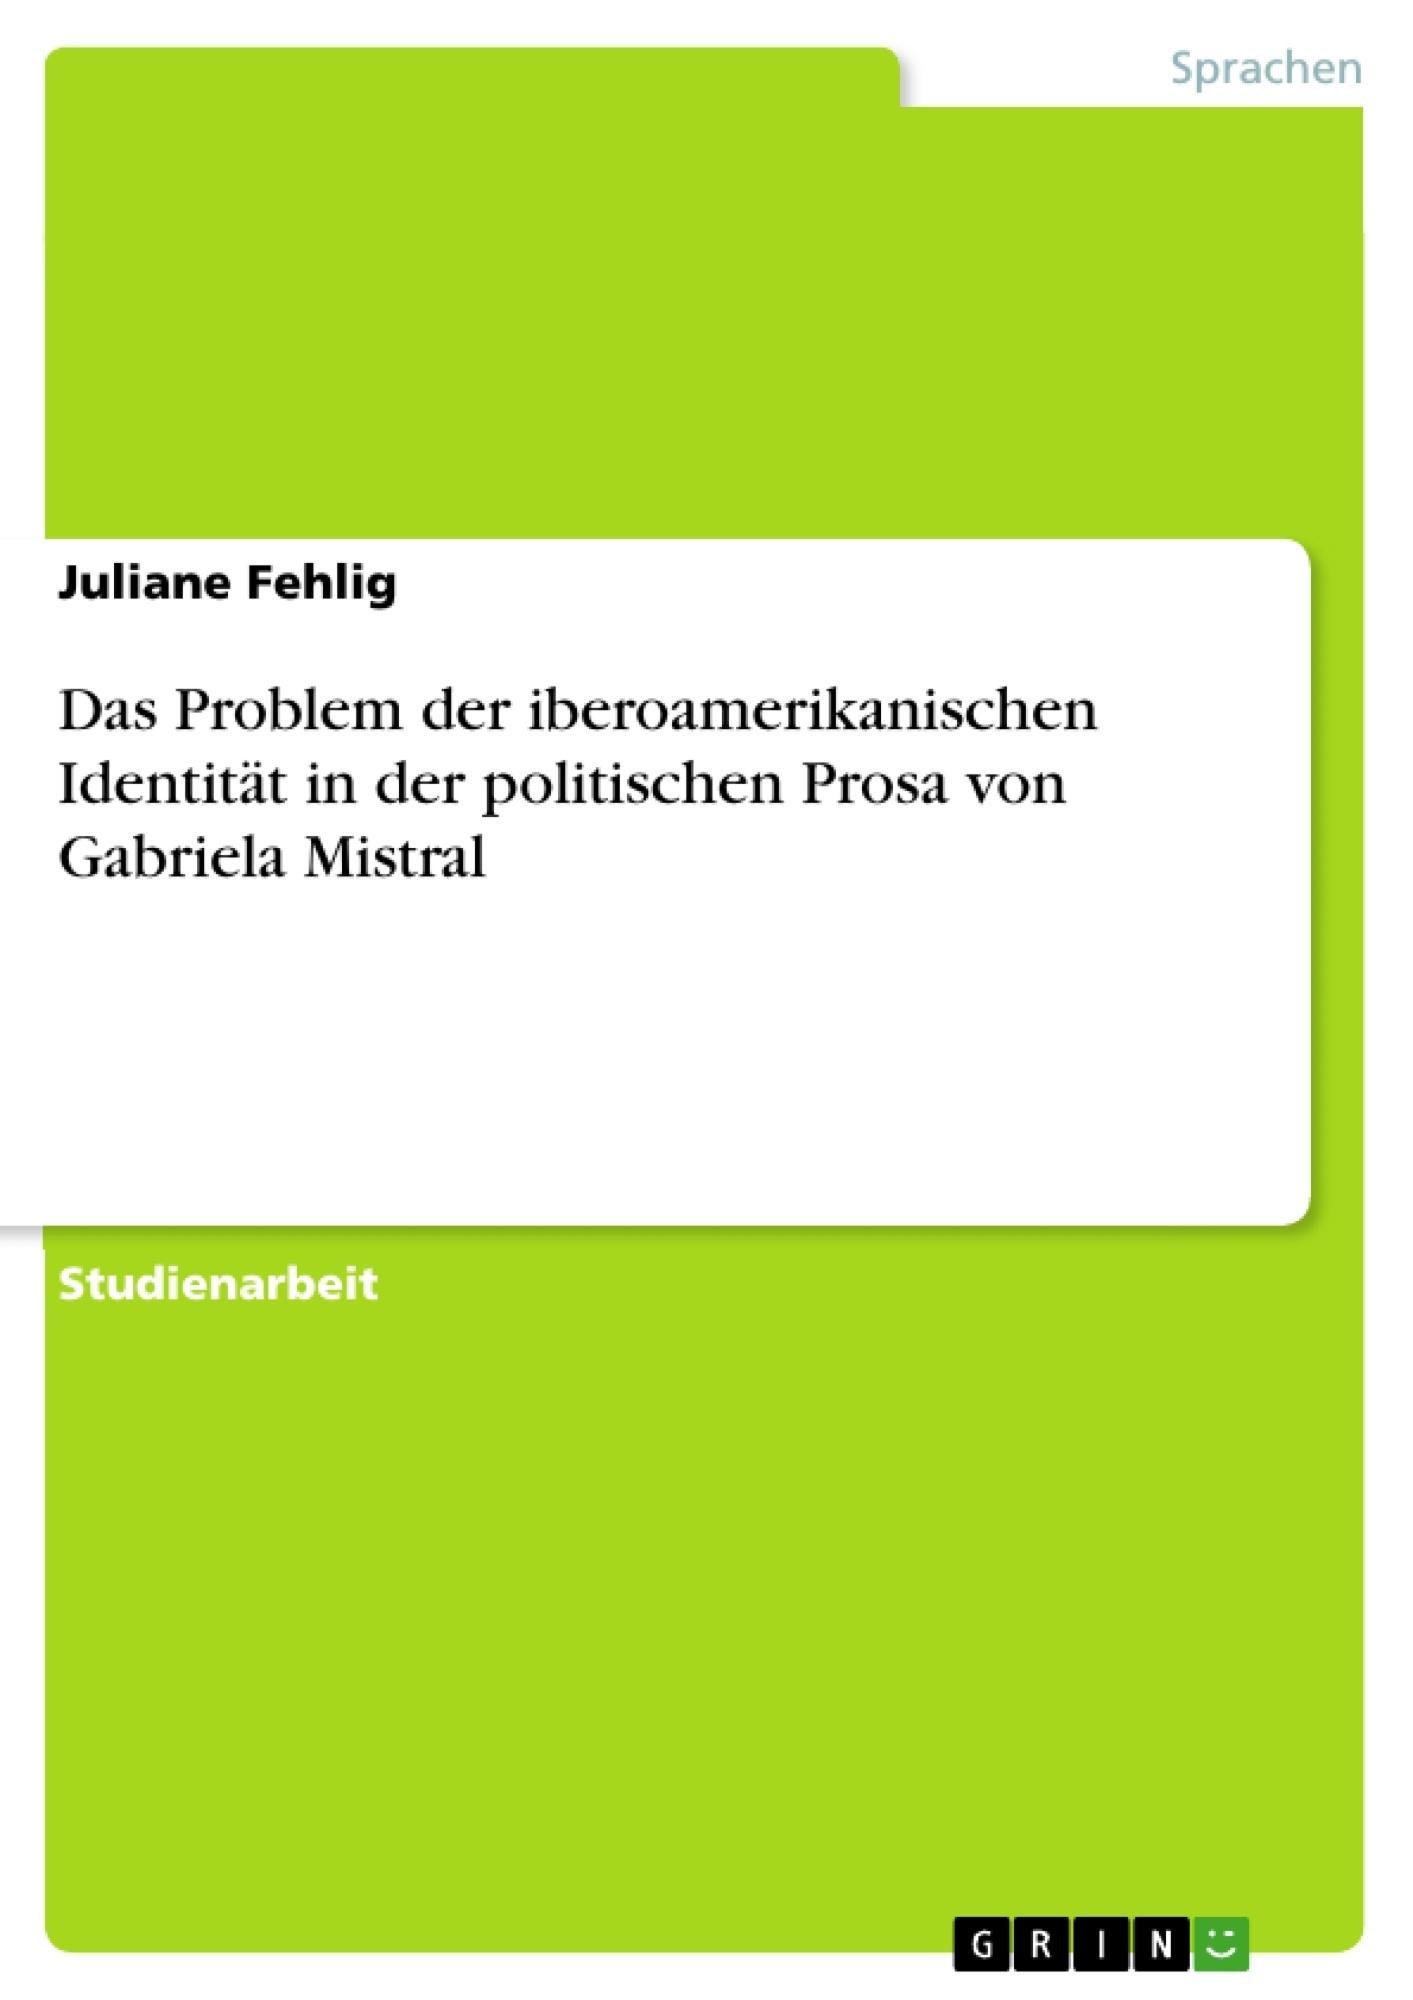 Titel: Das Problem der iberoamerikanischen Identität in der politischen Prosa von Gabriela Mistral